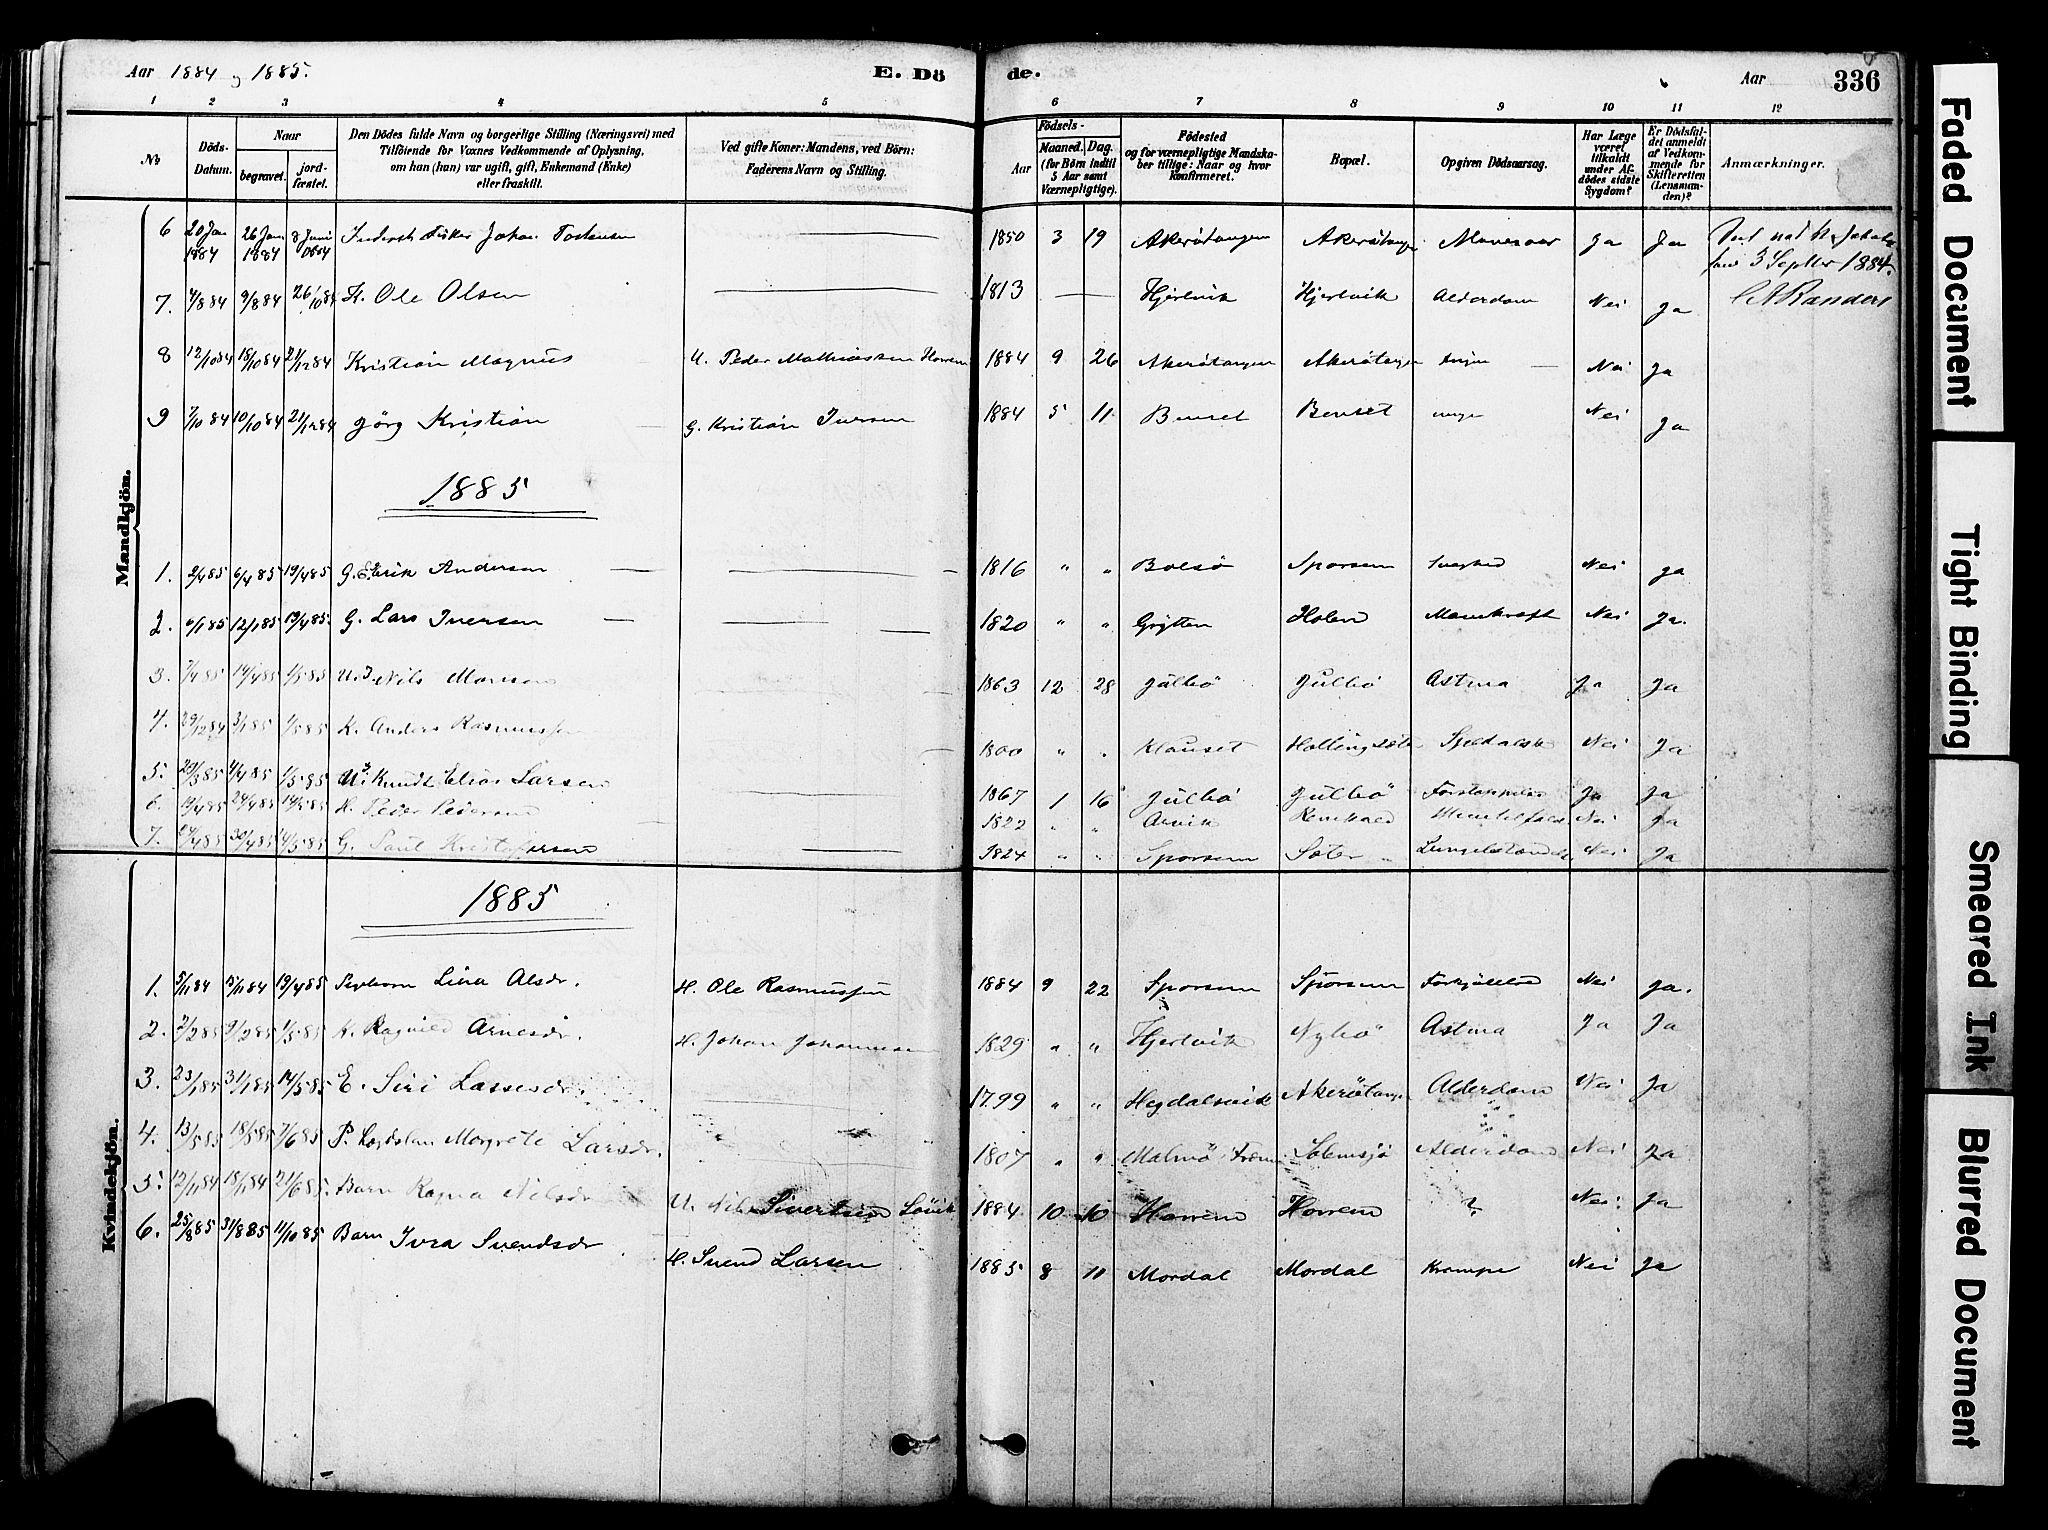 SAT, Ministerialprotokoller, klokkerbøker og fødselsregistre - Møre og Romsdal, 560/L0721: Ministerialbok nr. 560A05, 1878-1917, s. 336